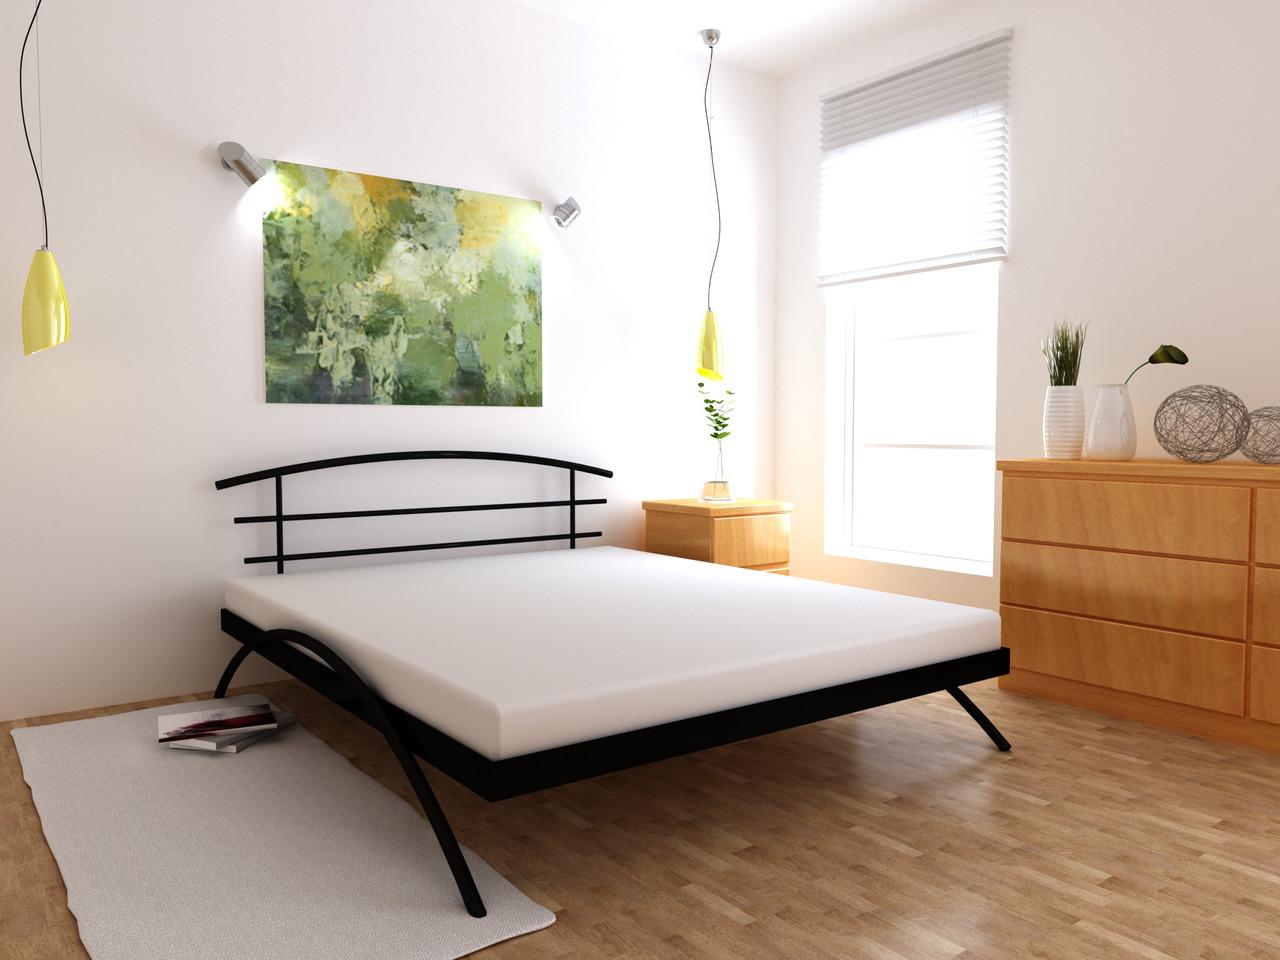 Металеве ліжко Сакура 120х190 см, ортопедична